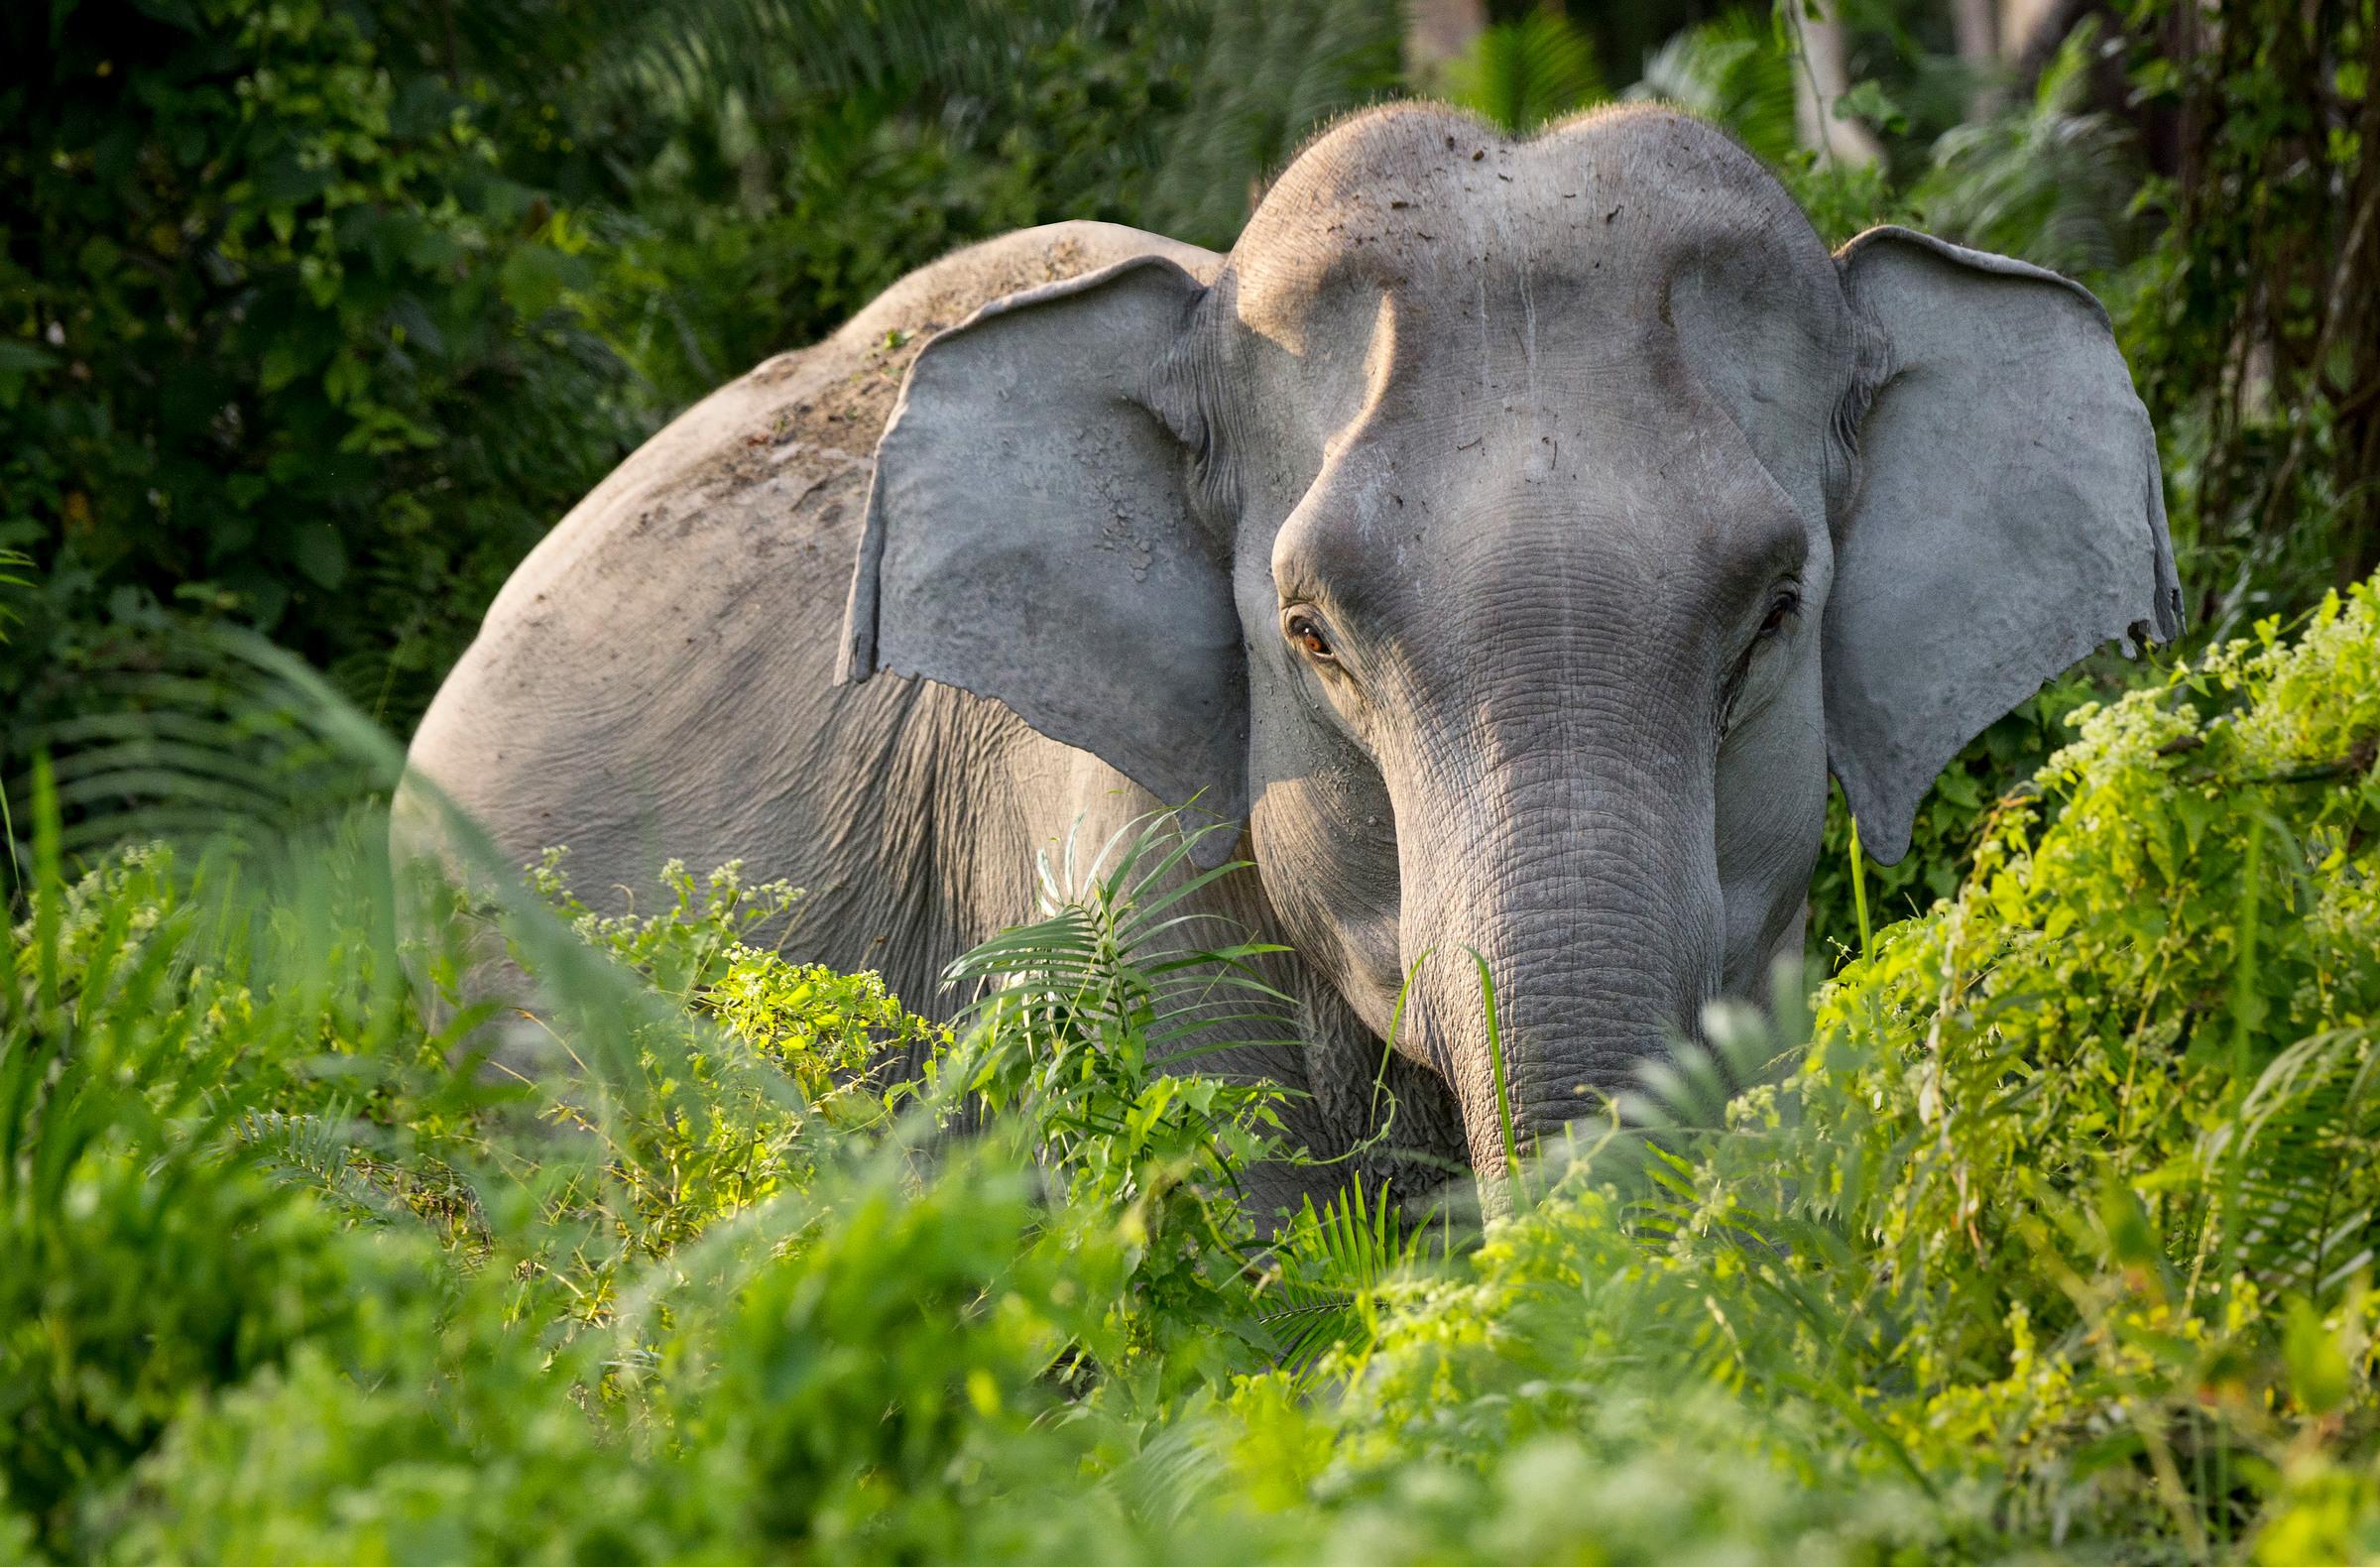 Asiatischer Elefant, Indien